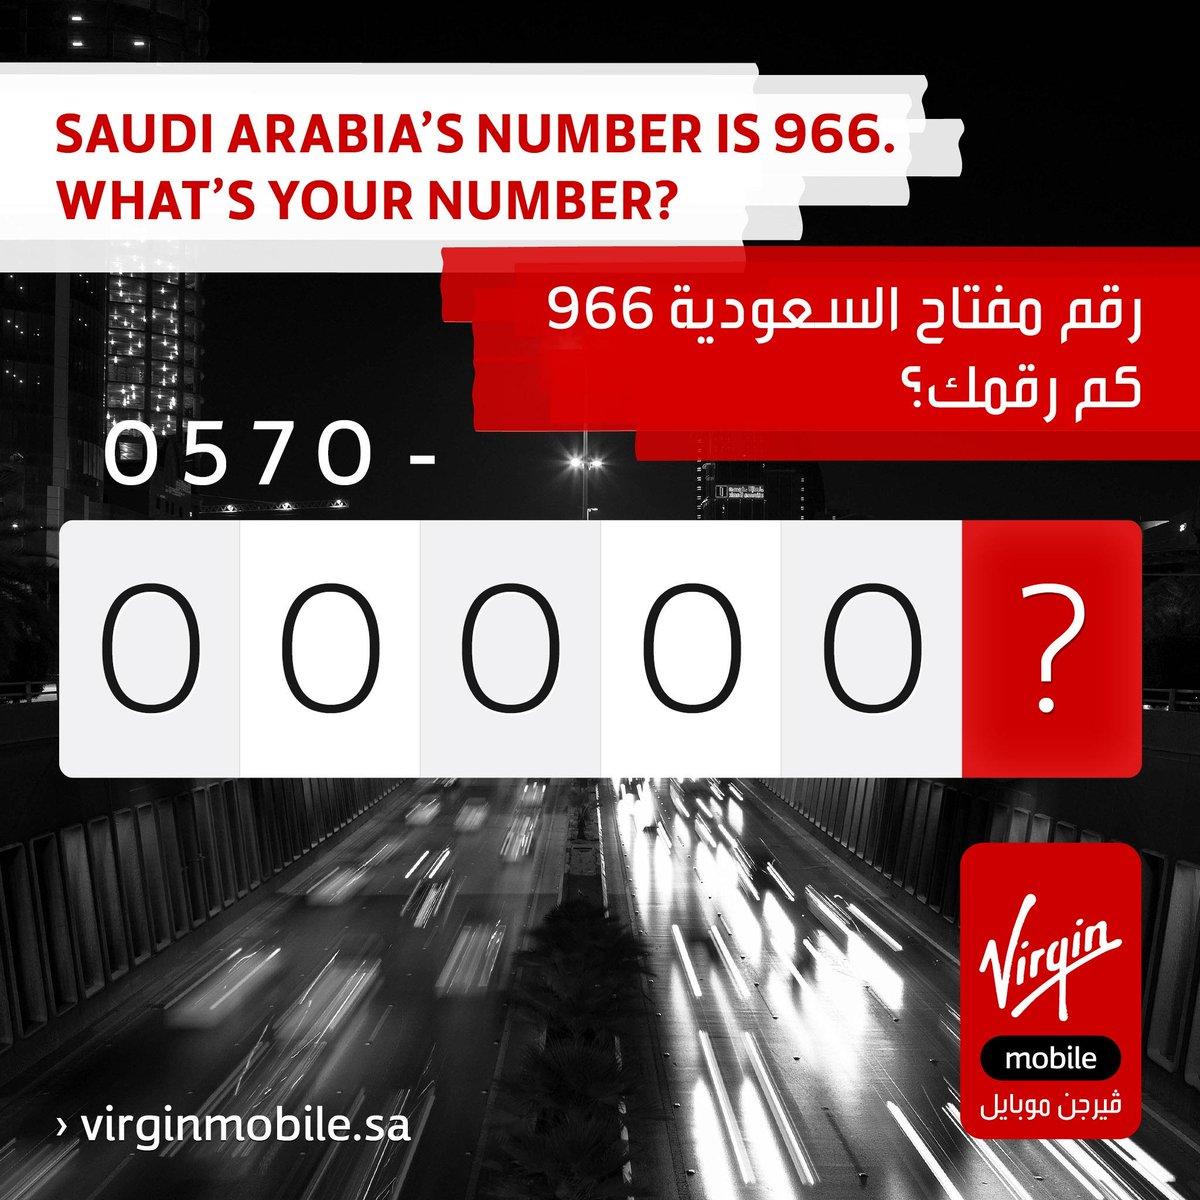 Virginmobileksa Na Twitteru رقم مفتاح السعودية 966 كم رقمك احجز رقمك اليوم Http T Co Yhvi0eyyks إحجز رقمك Http T Co Bdq8gx7zof